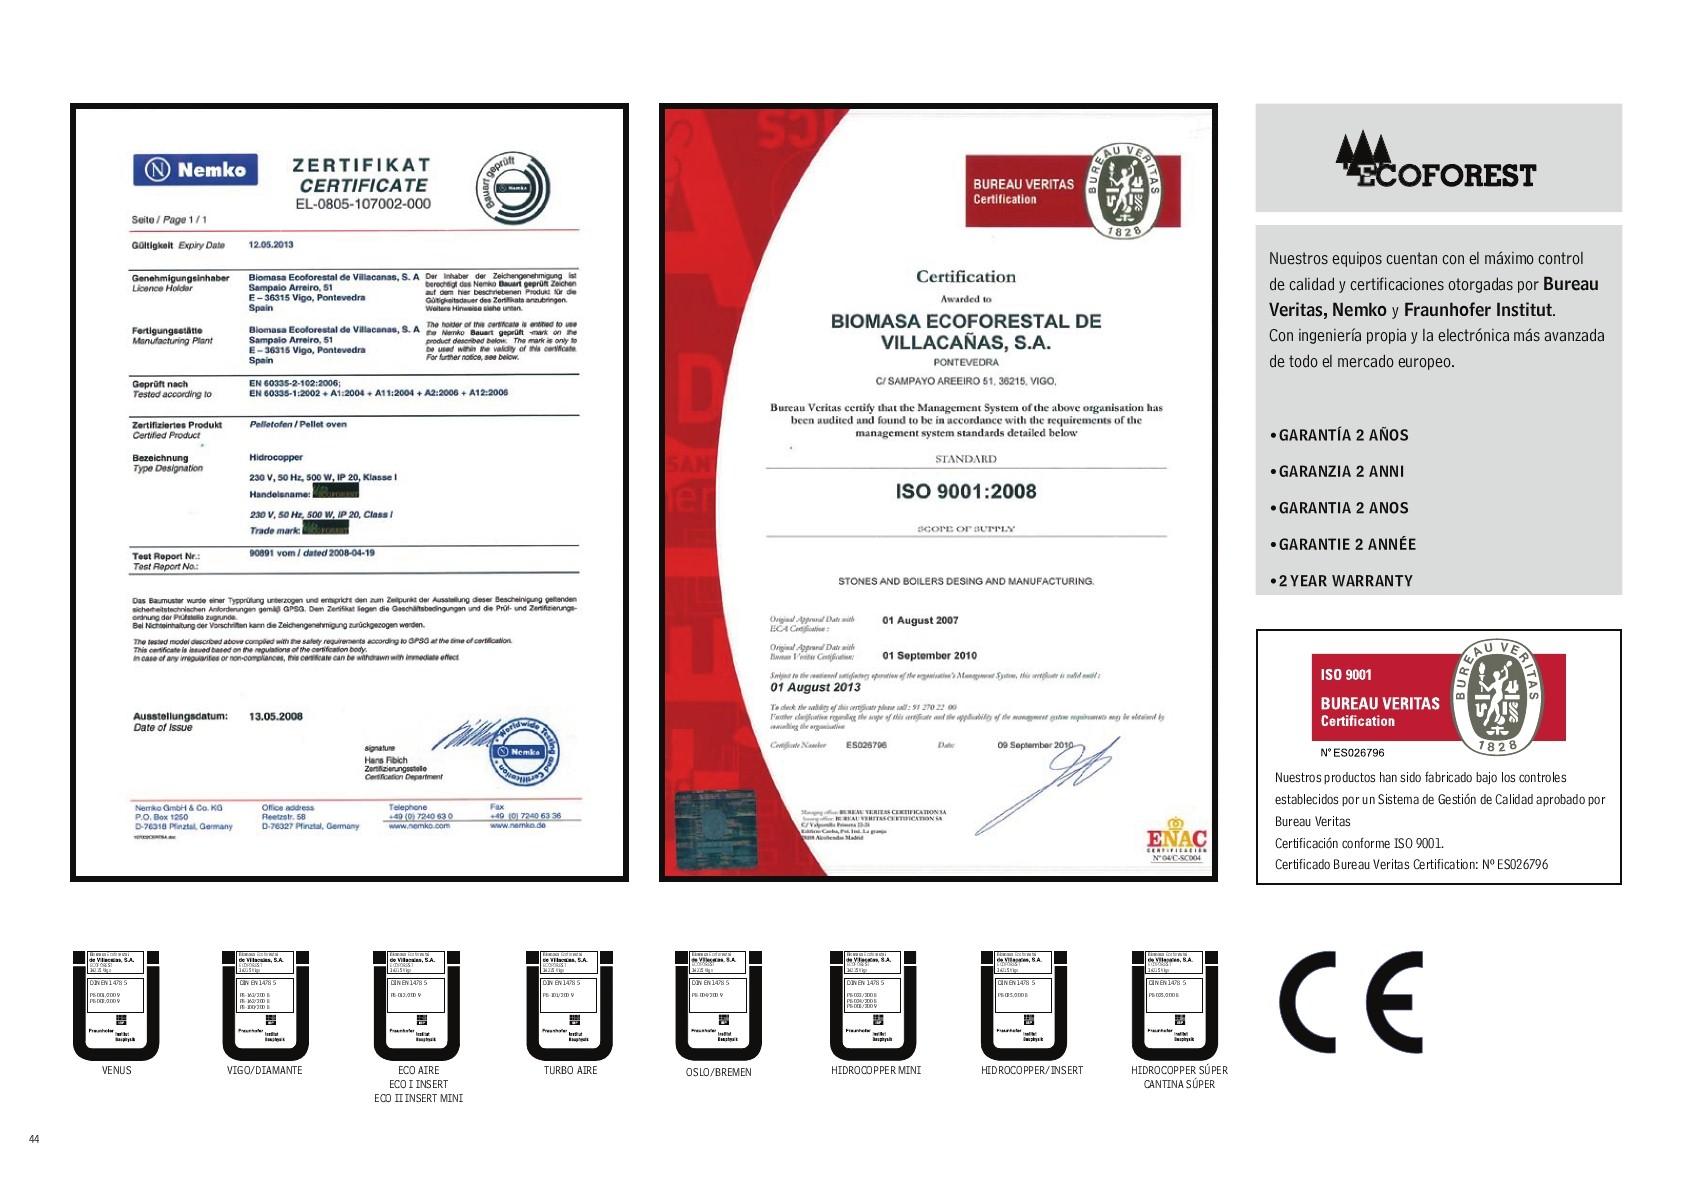 Certificações Ecoforest- Ecoforest normas e certificacoes